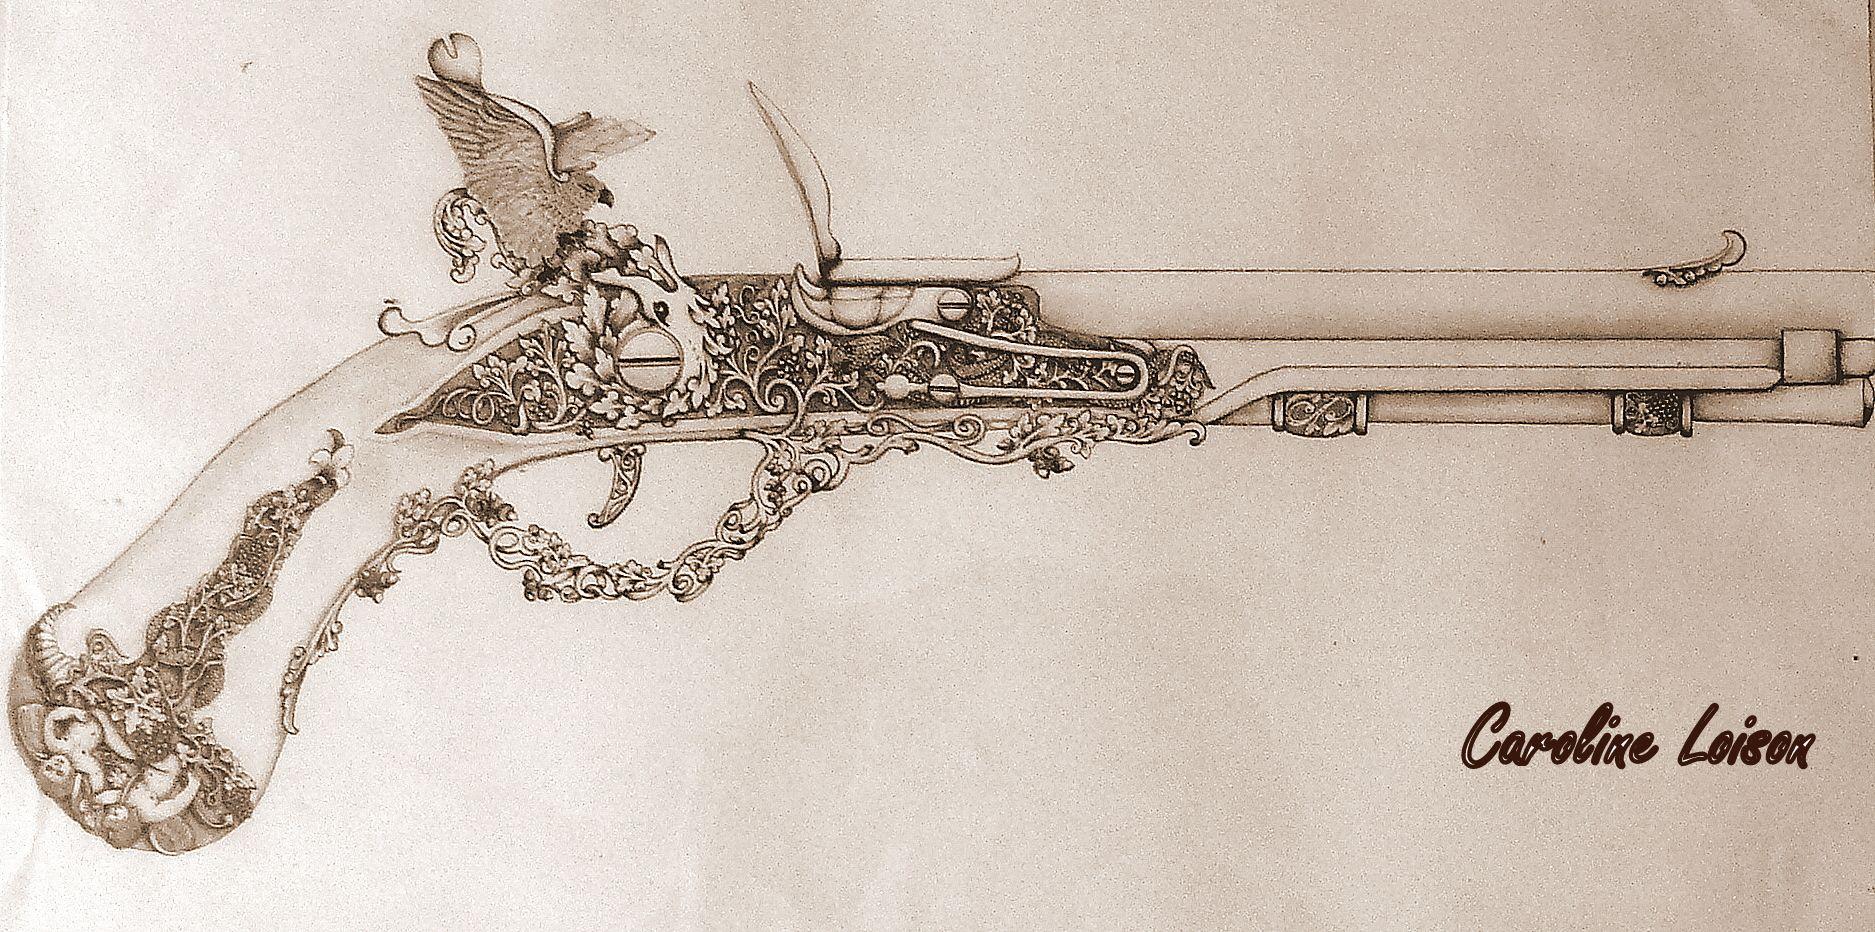 Model De Gravure Et Ciselure Traditionnel Pour Un Silex De Cavalerie Inspiration 18eme Et 19eme Sciecle Gravure Silex Et Dessin